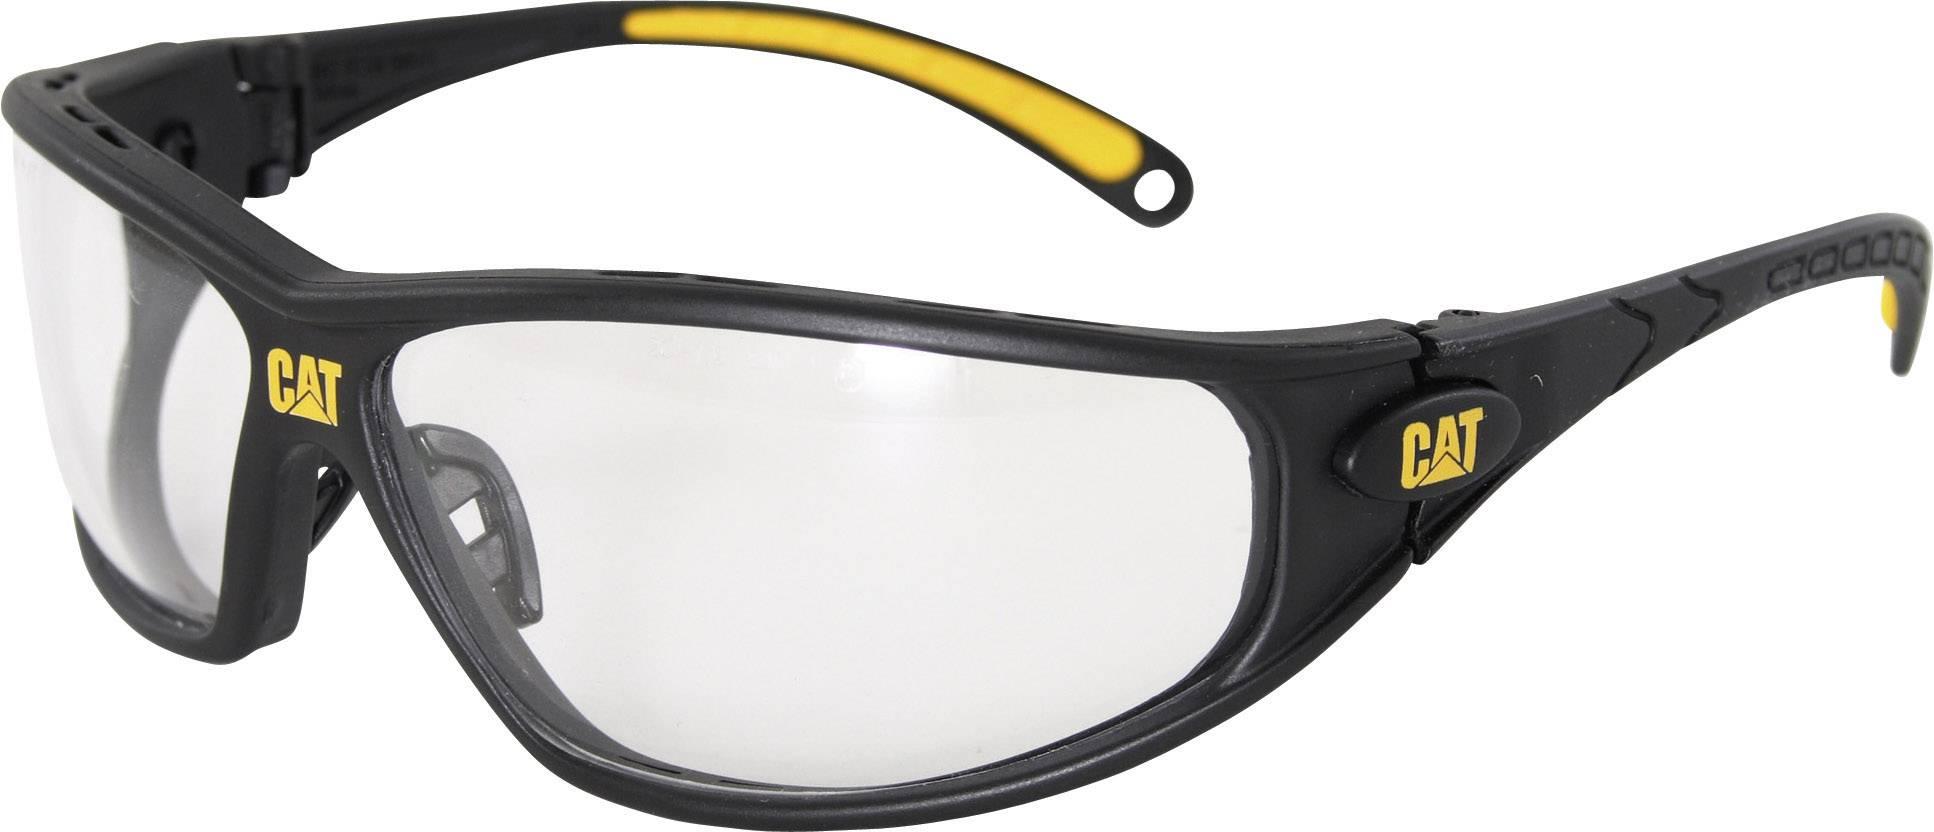 Ochranné brýle CAT Tread 100, transparentní